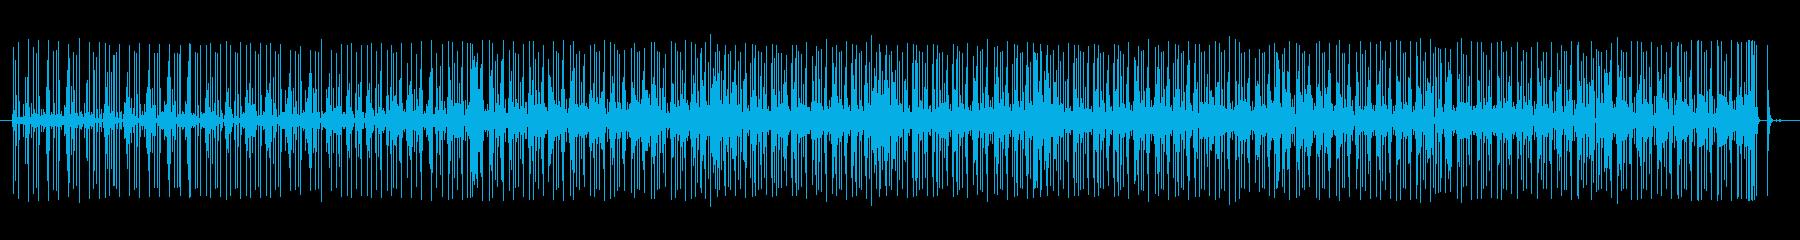 グルーブ16ビートpurdie風ドラム4の再生済みの波形